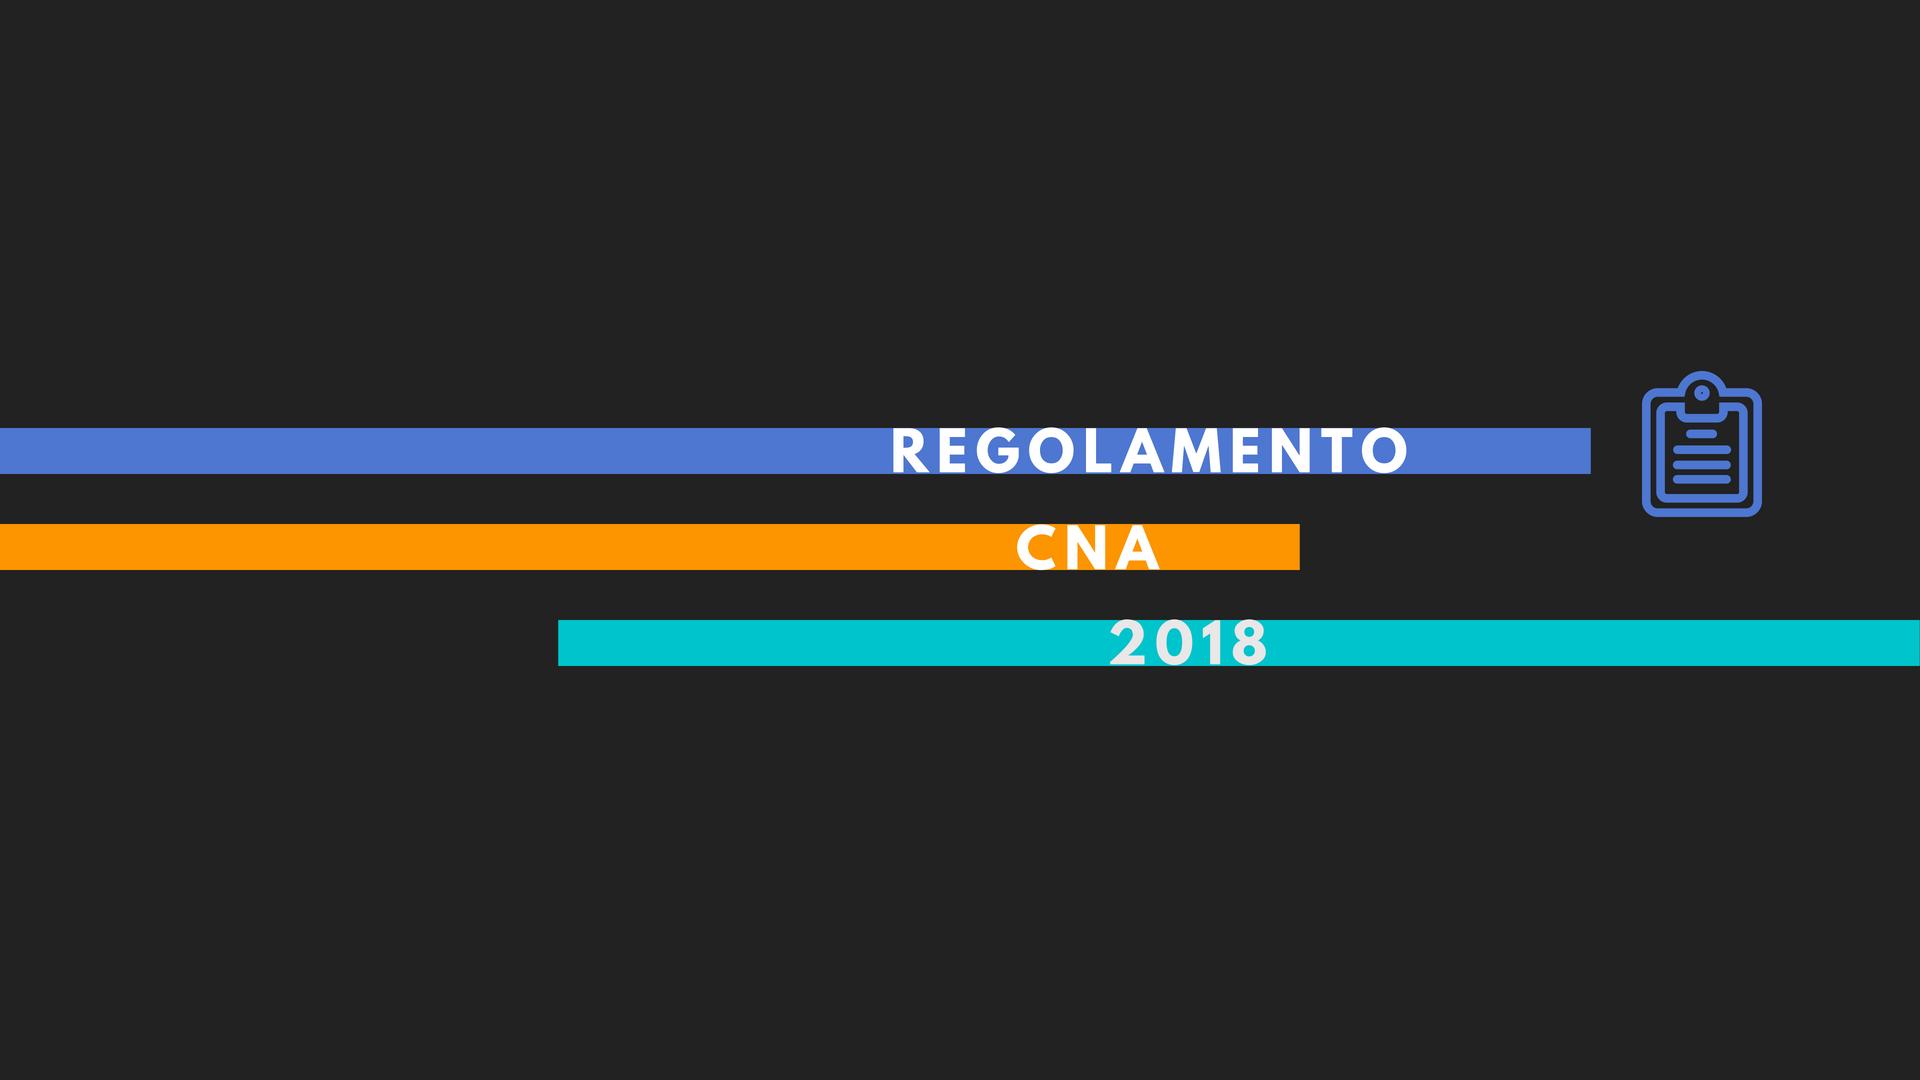 FITDS | Regolamento CNA 2018